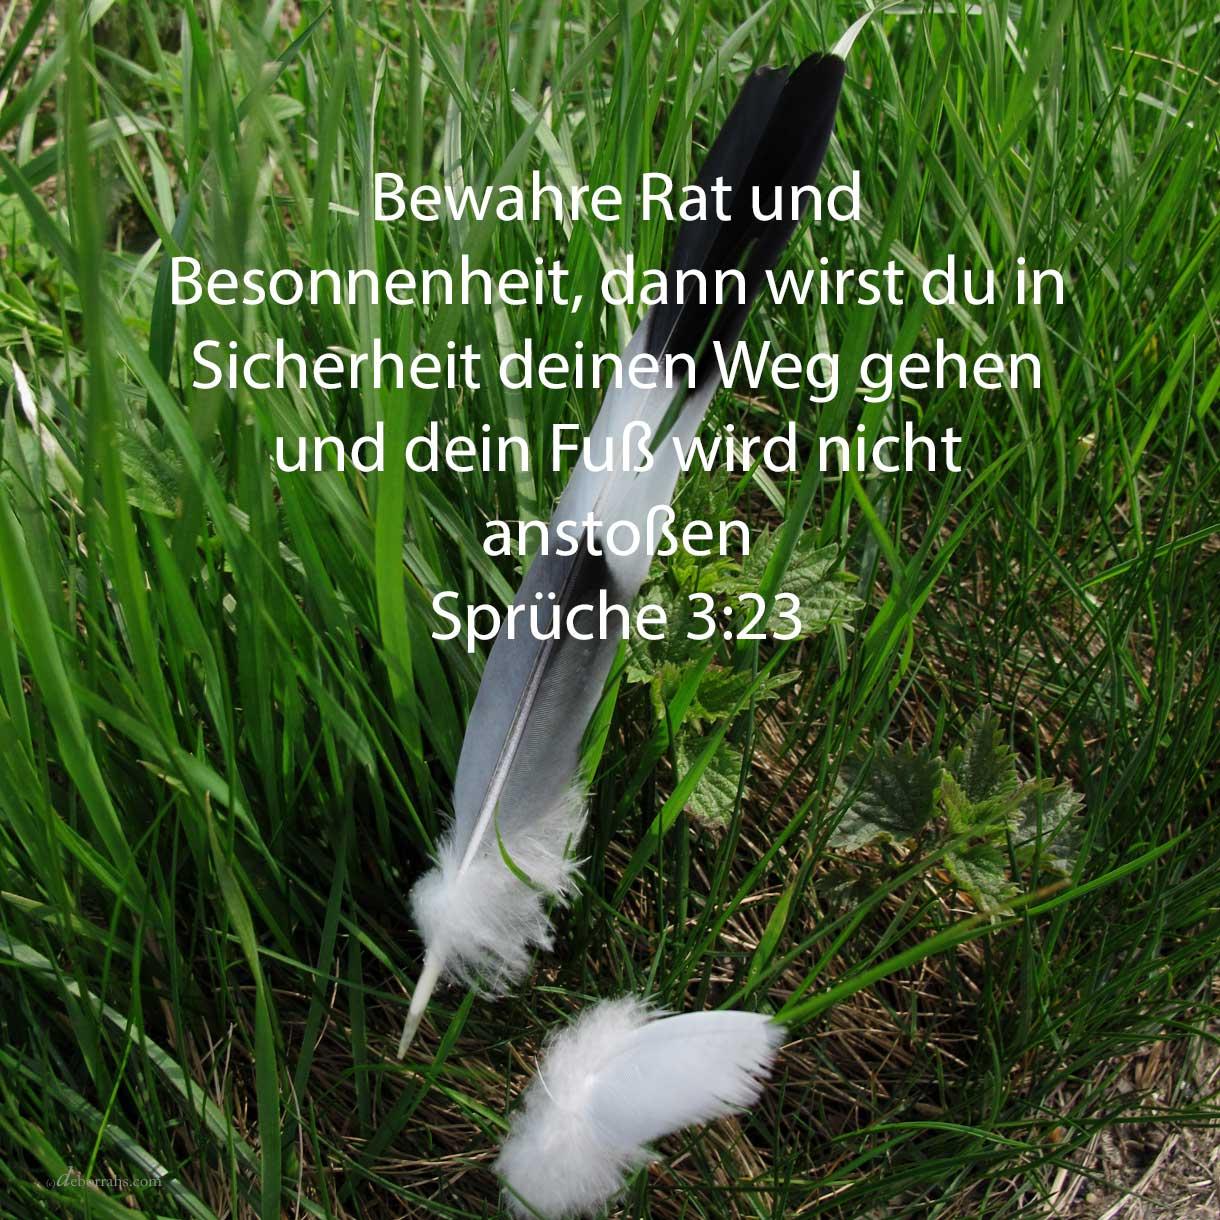 Bewahre klugen Rat und Besonnenheit, dann wirst du in Sicherheit deinen Weg gehen, und dein Fuß wird nicht anstoßen ( Sprüche 3,23 )